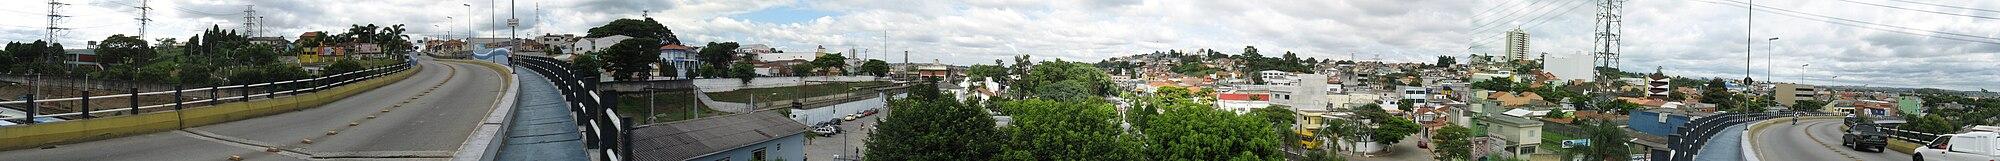 Vista panor�mica do centro de Po�, a partir do viaduto.